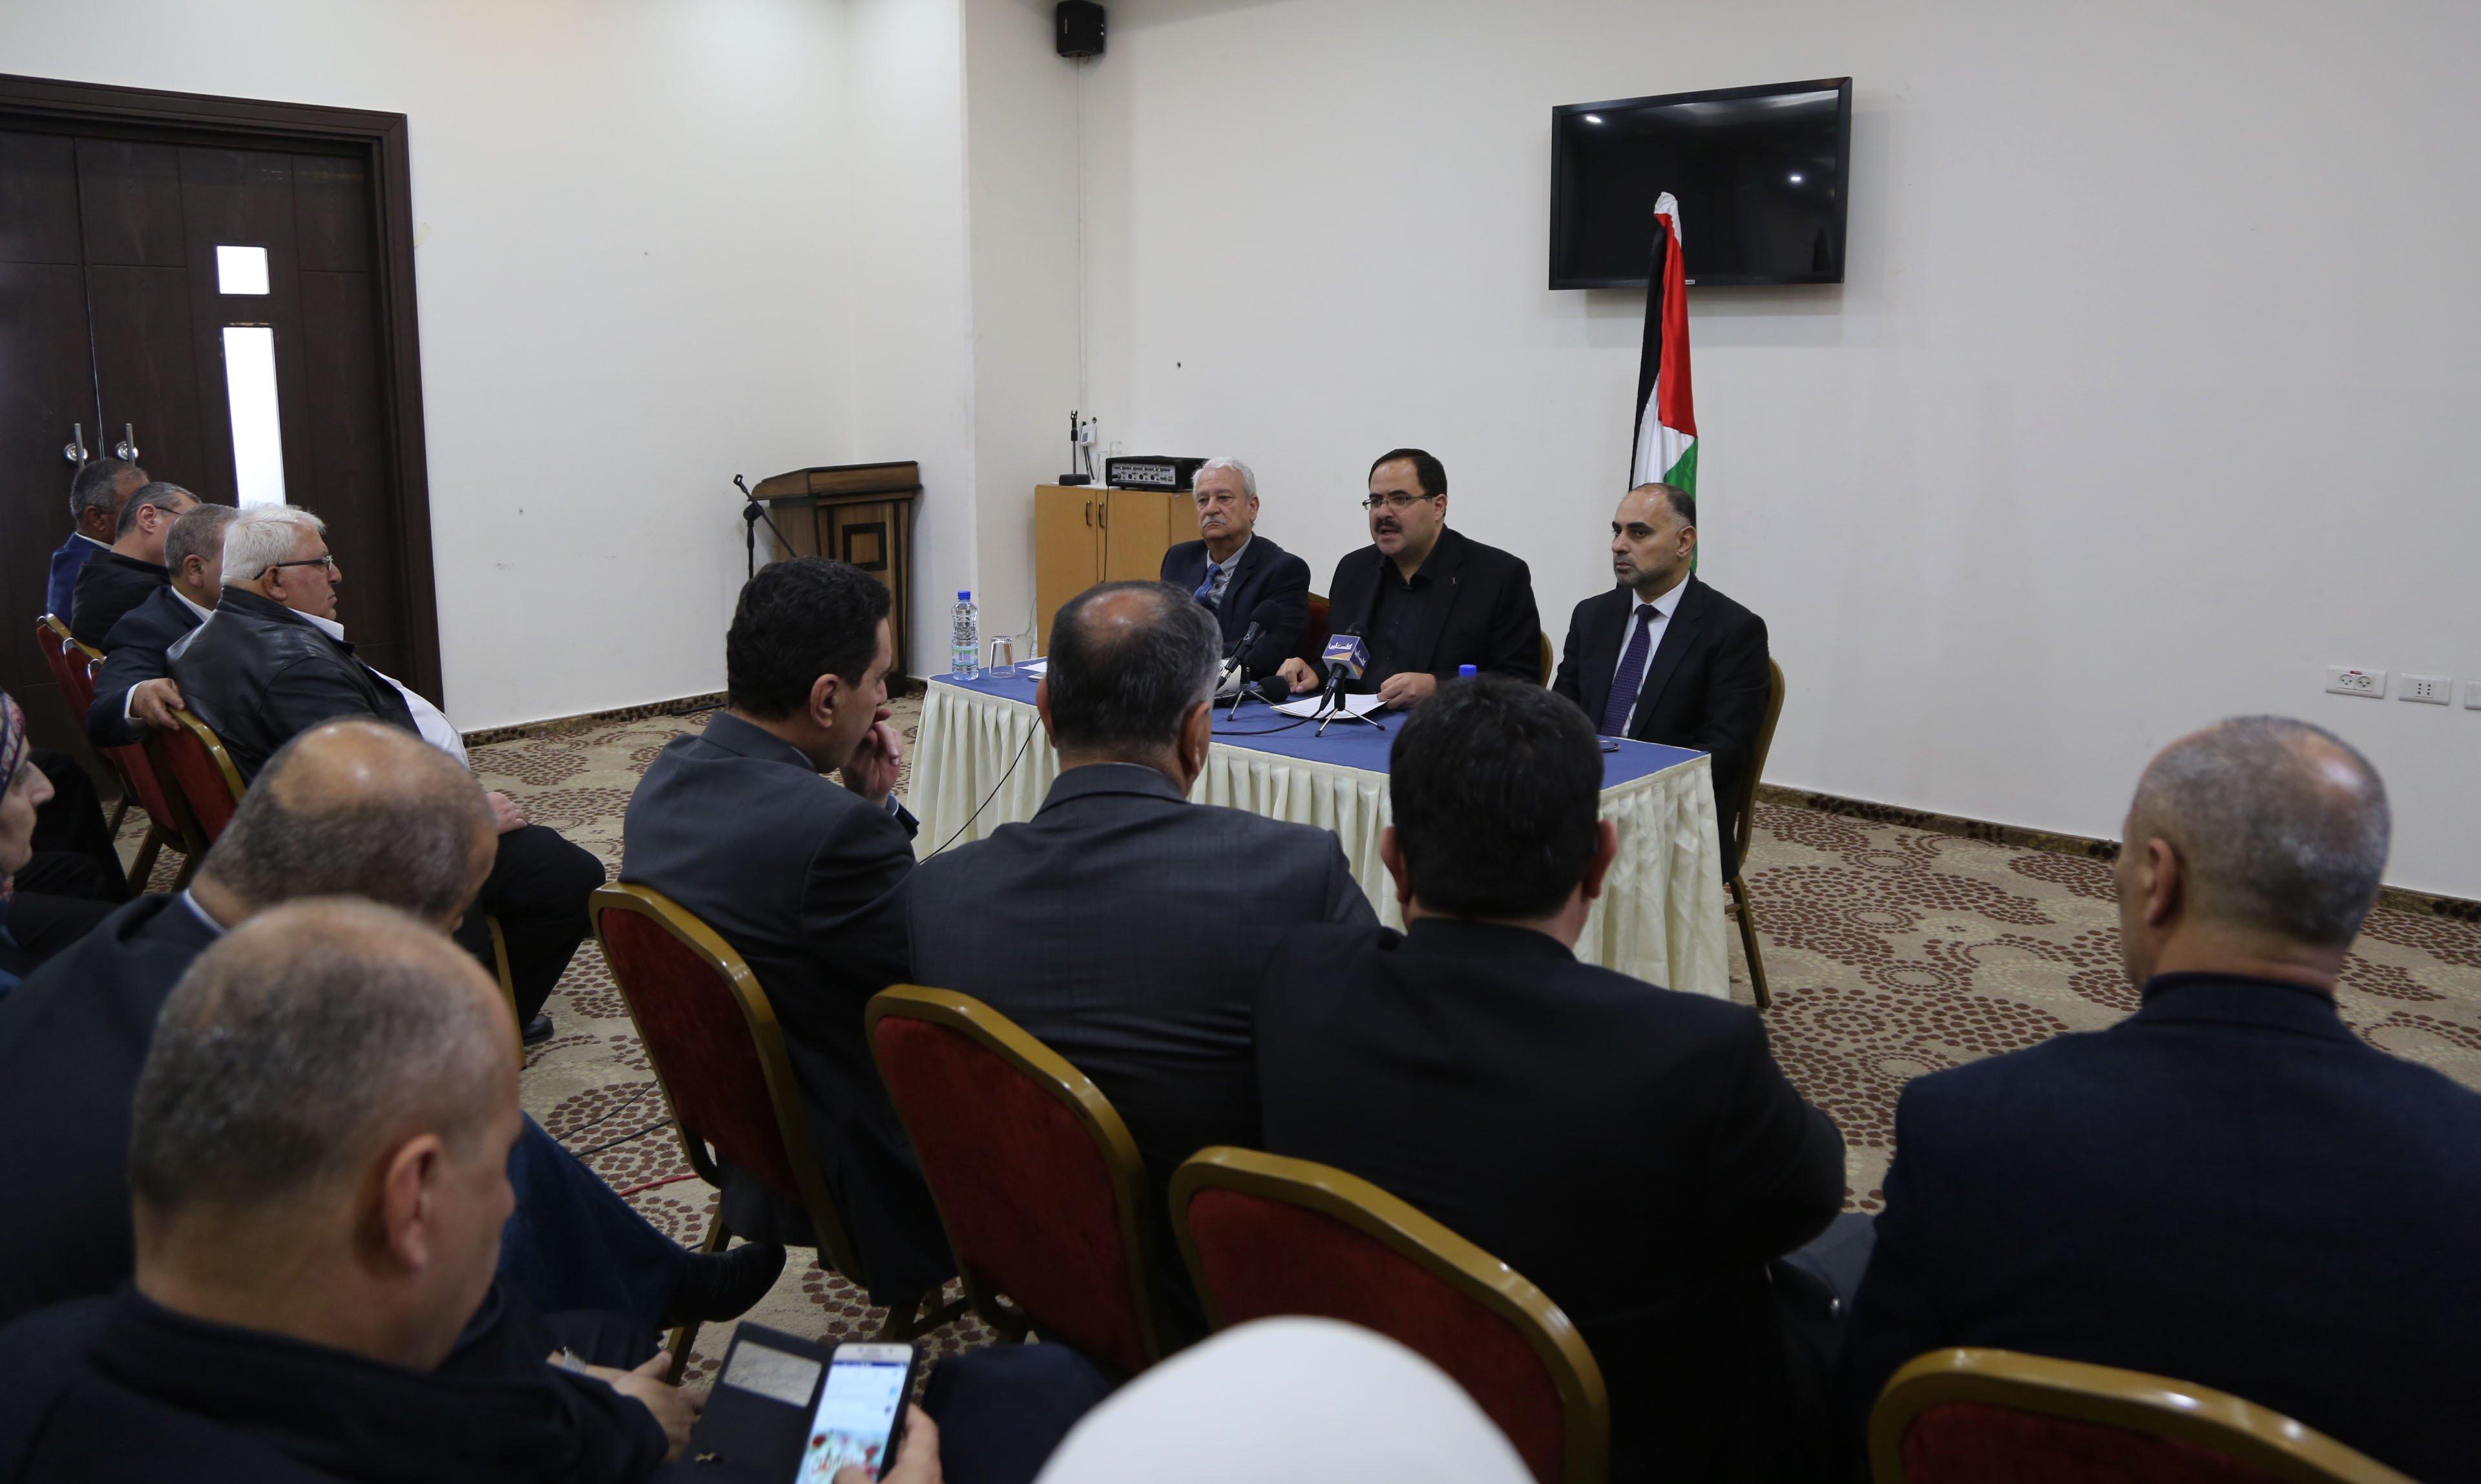 صيدم: جريمة بيرزيت واعتداءات الاحتلال بحق التعليم يجب أن تخضع لمحاسبة دولية